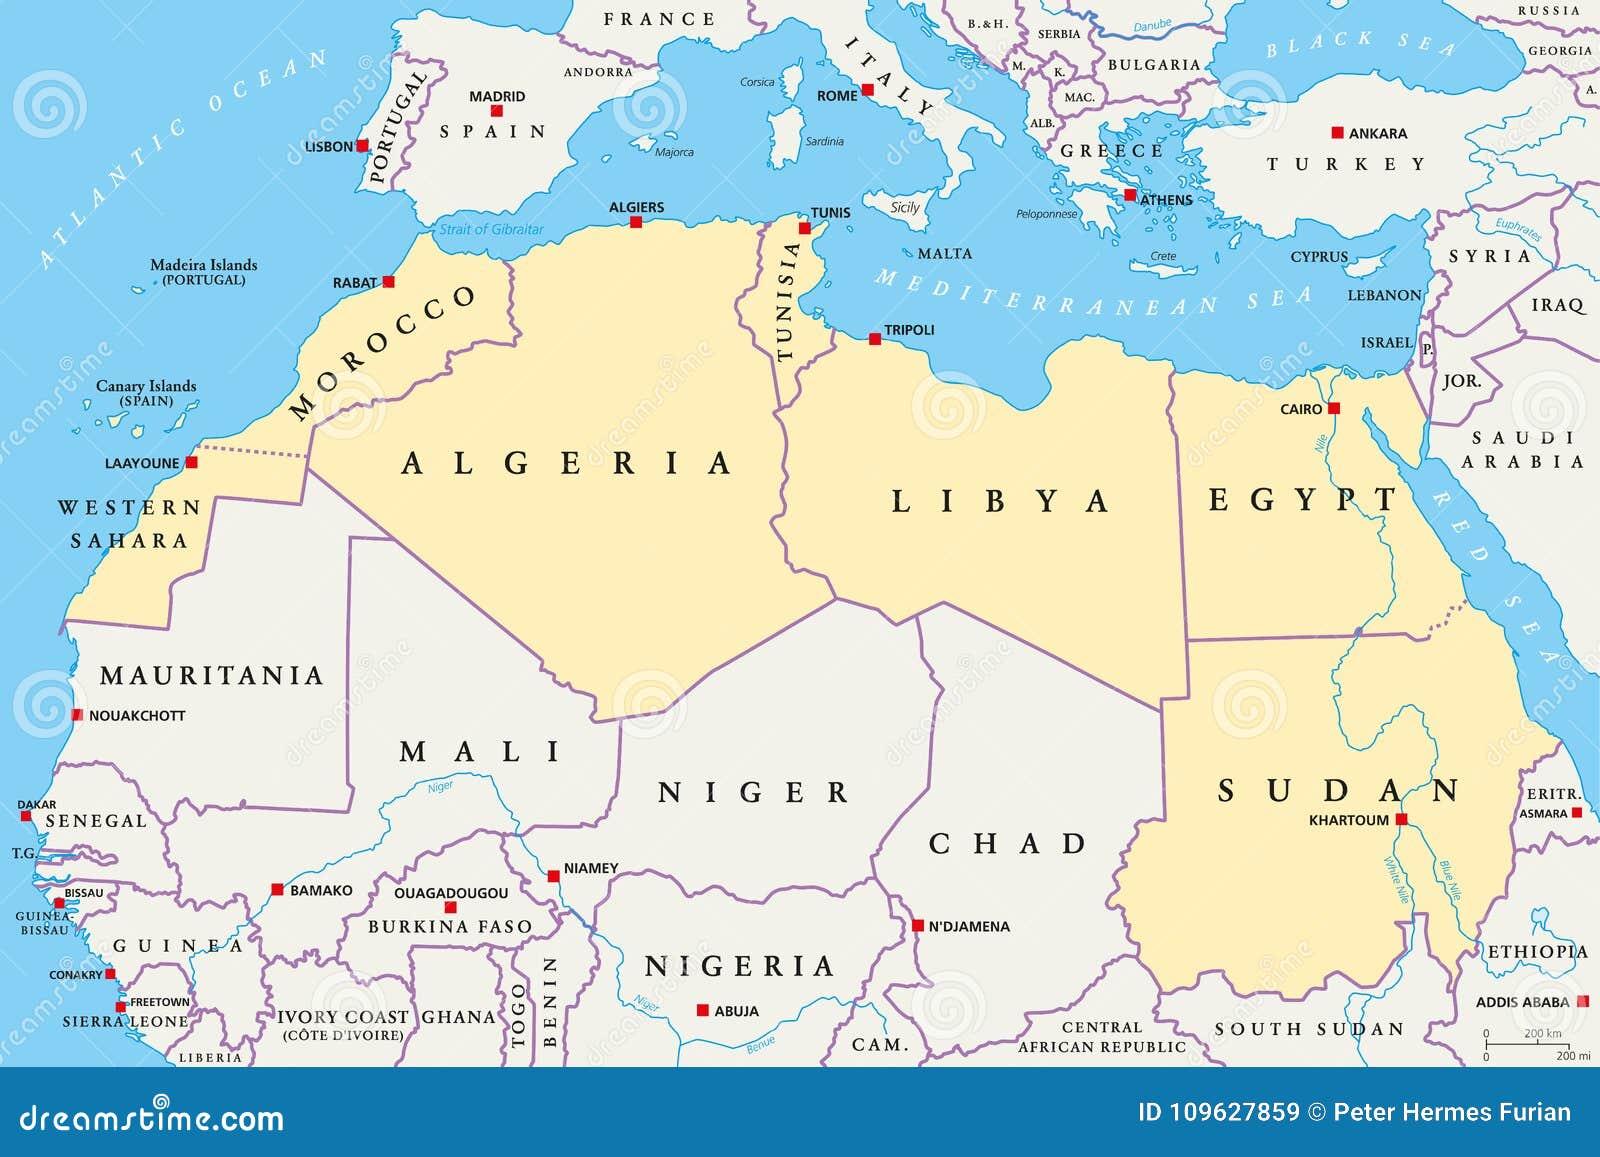 Cartina Fisica Dell Africa Settentrionale.Regione Del Nord Africa Mappa Politica Illustrazione Vettoriale